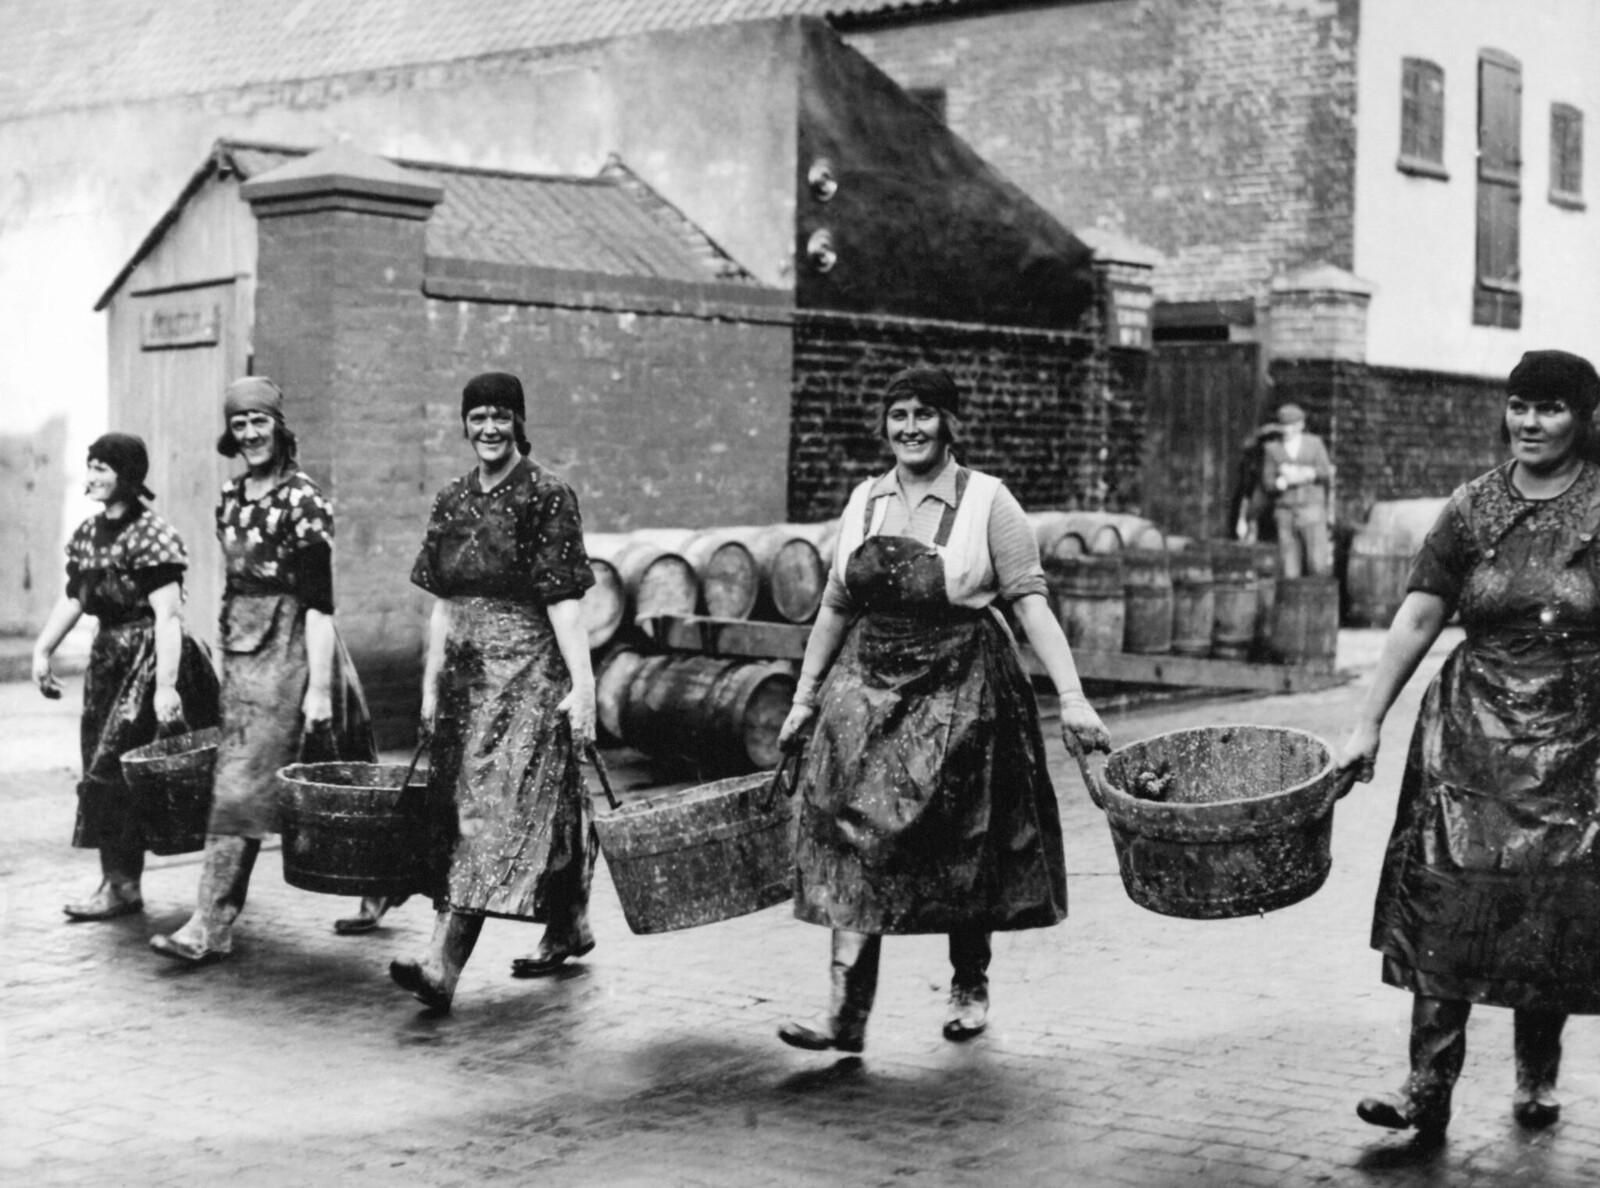 1931. Шотландские девушки-рыбаки идут, чтобы помочь в чистке и упаковке рыбы, привозимой рыбацкими лодками в Грейт-Ярмуте, Соединенное Королевство, 7 октября